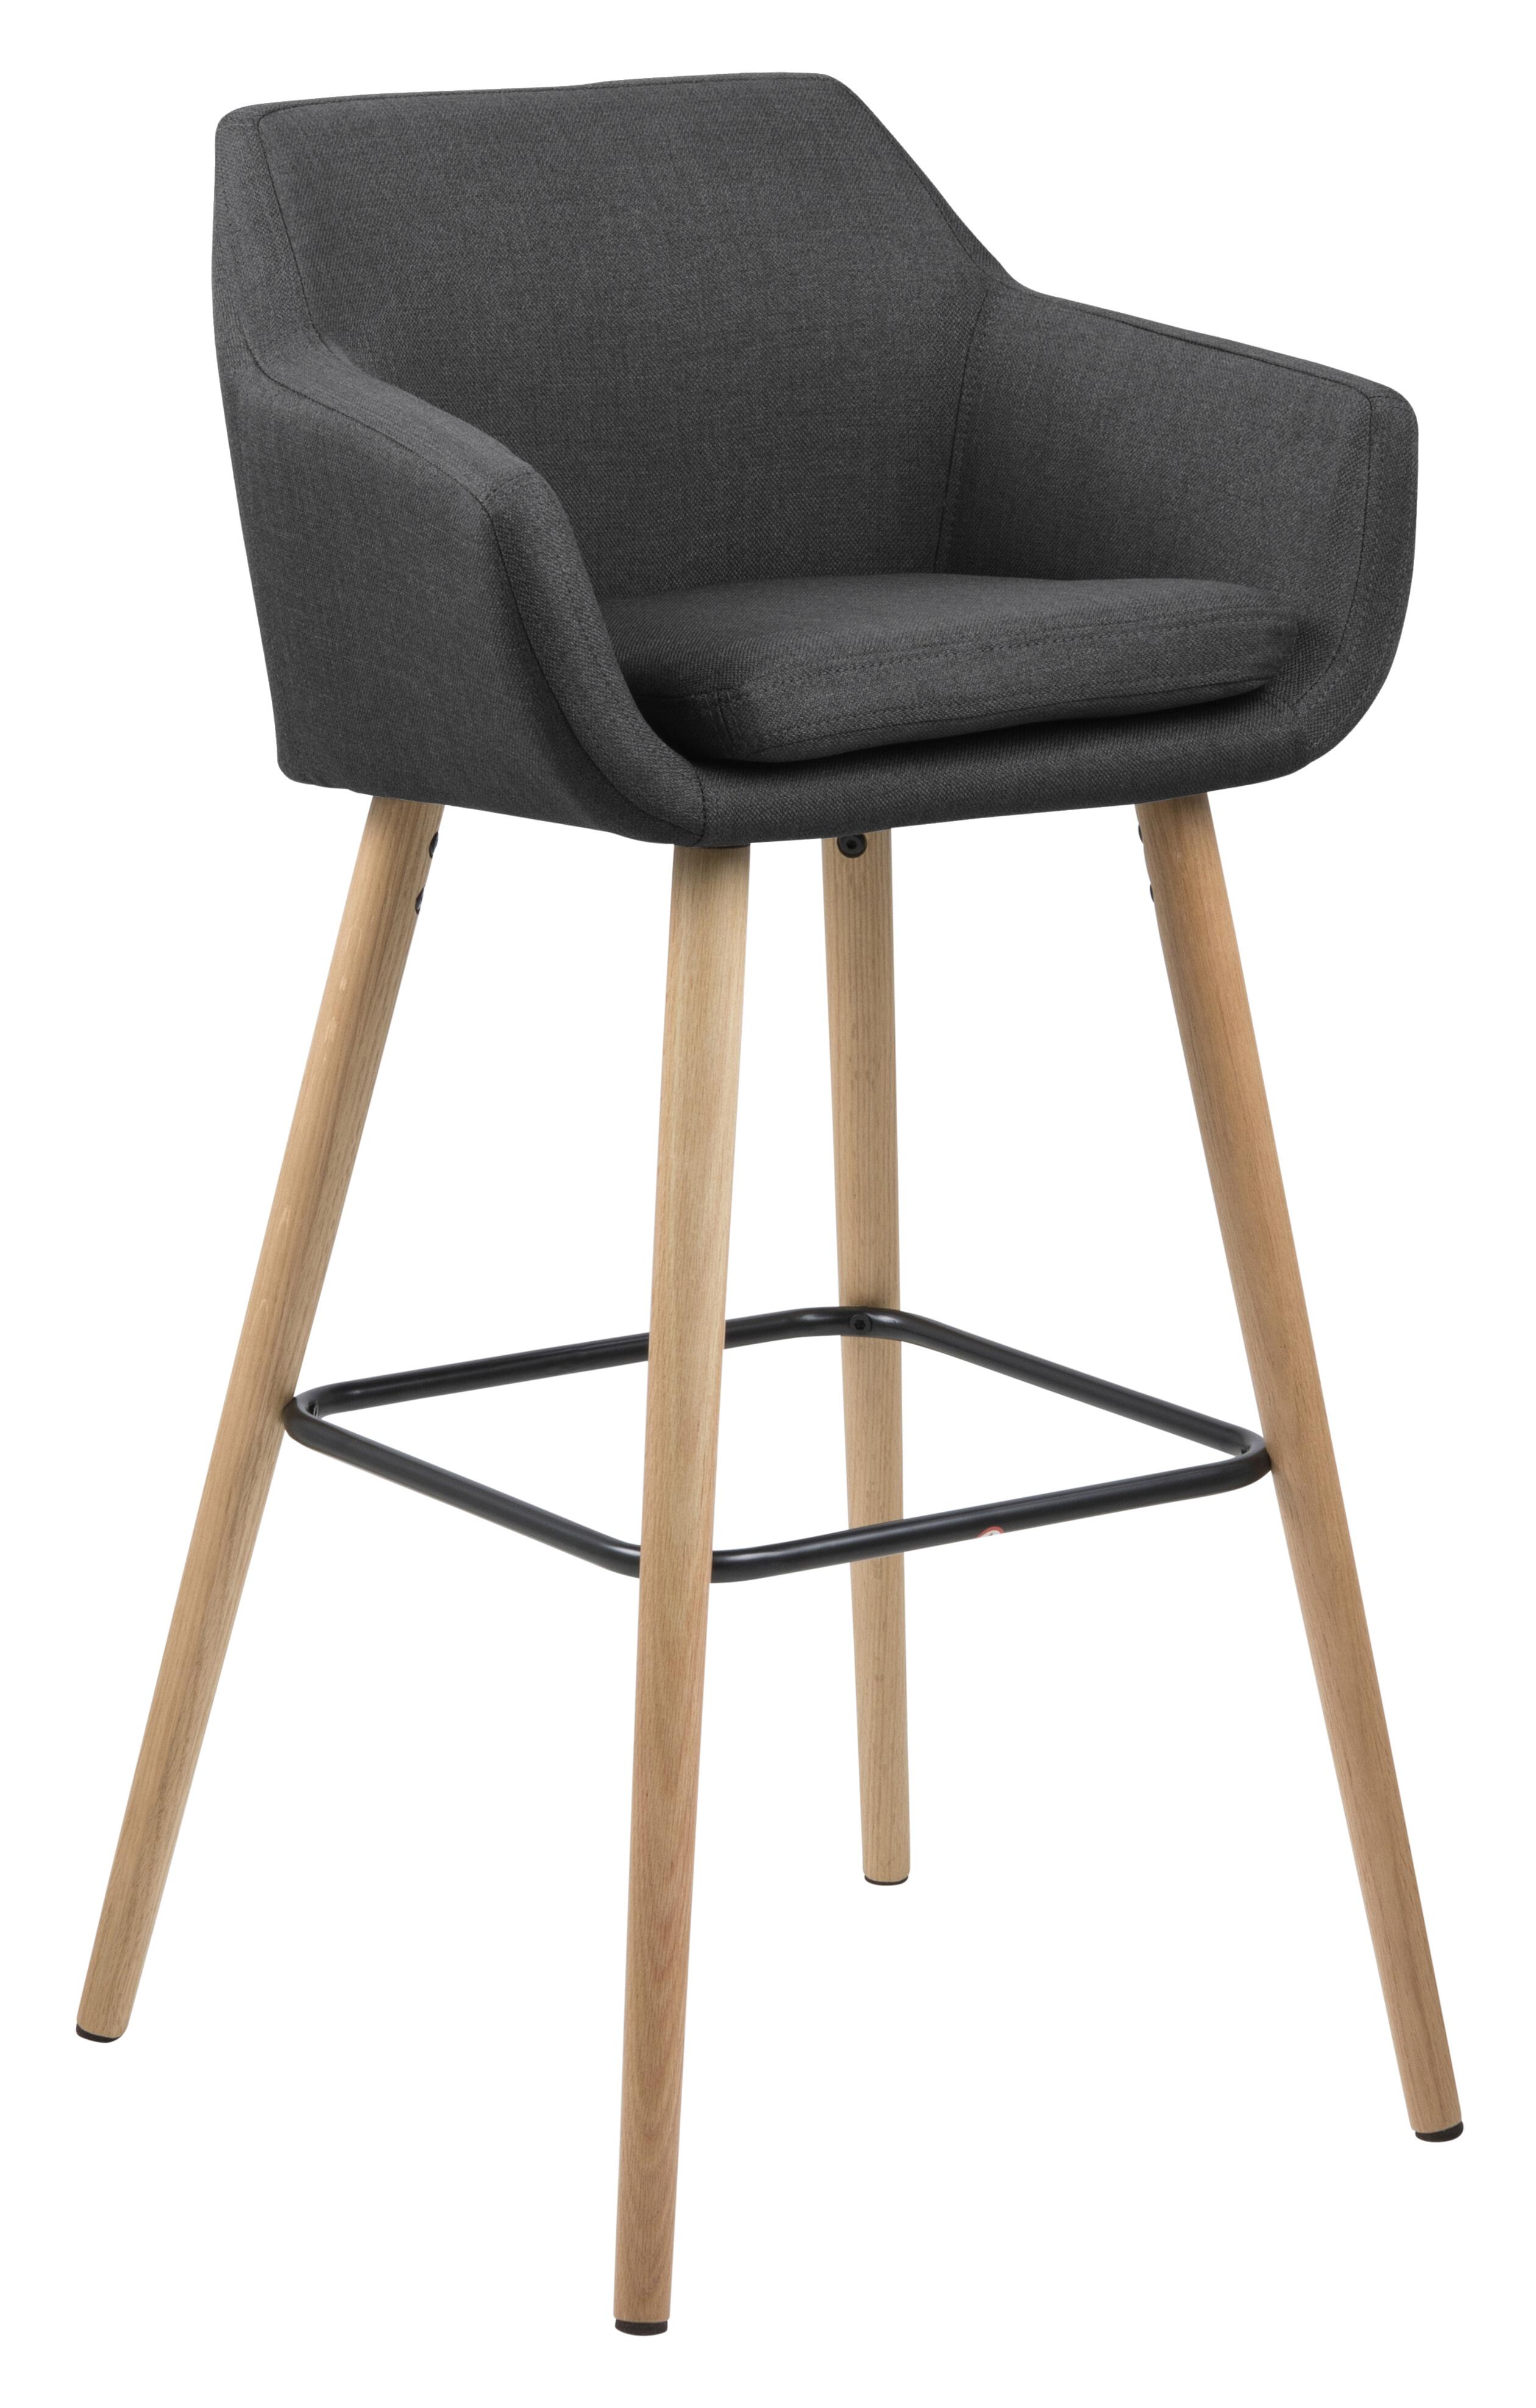 Bendt Barkruk 'Rikke' (zithoogte 79cm), kleur Donkergrijs